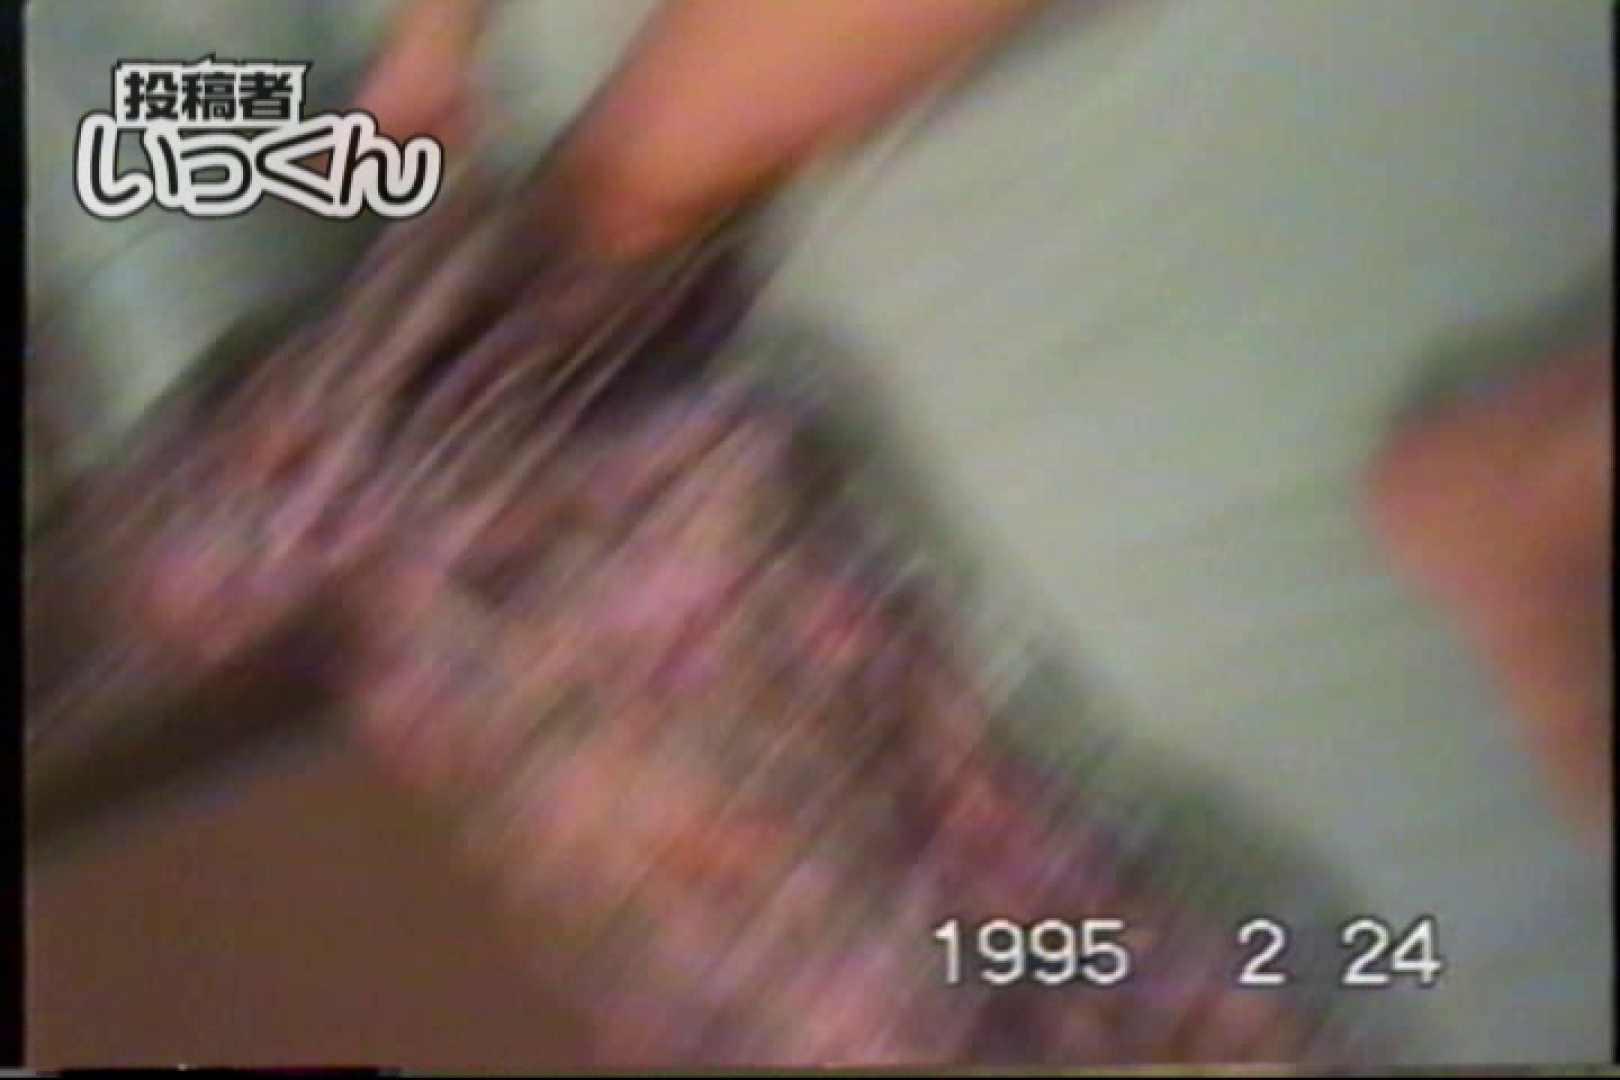 調教師いっくんの ちほ撮影バレ 盗撮 | 一般投稿  83pic 31